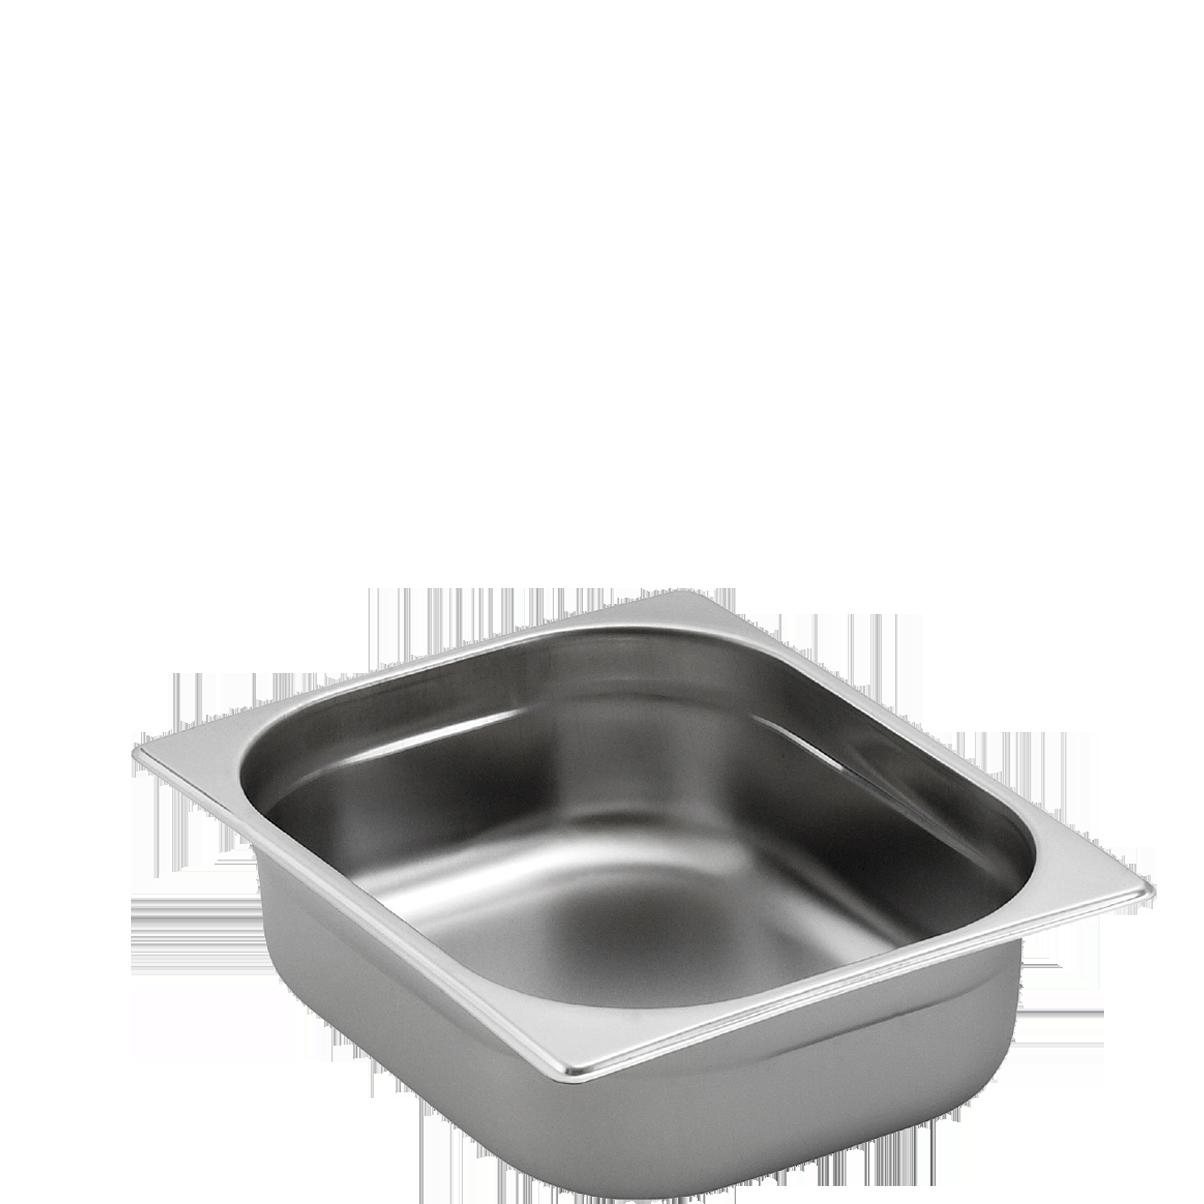 2/3 GN-Behälter für Chafing Dish (100mm)